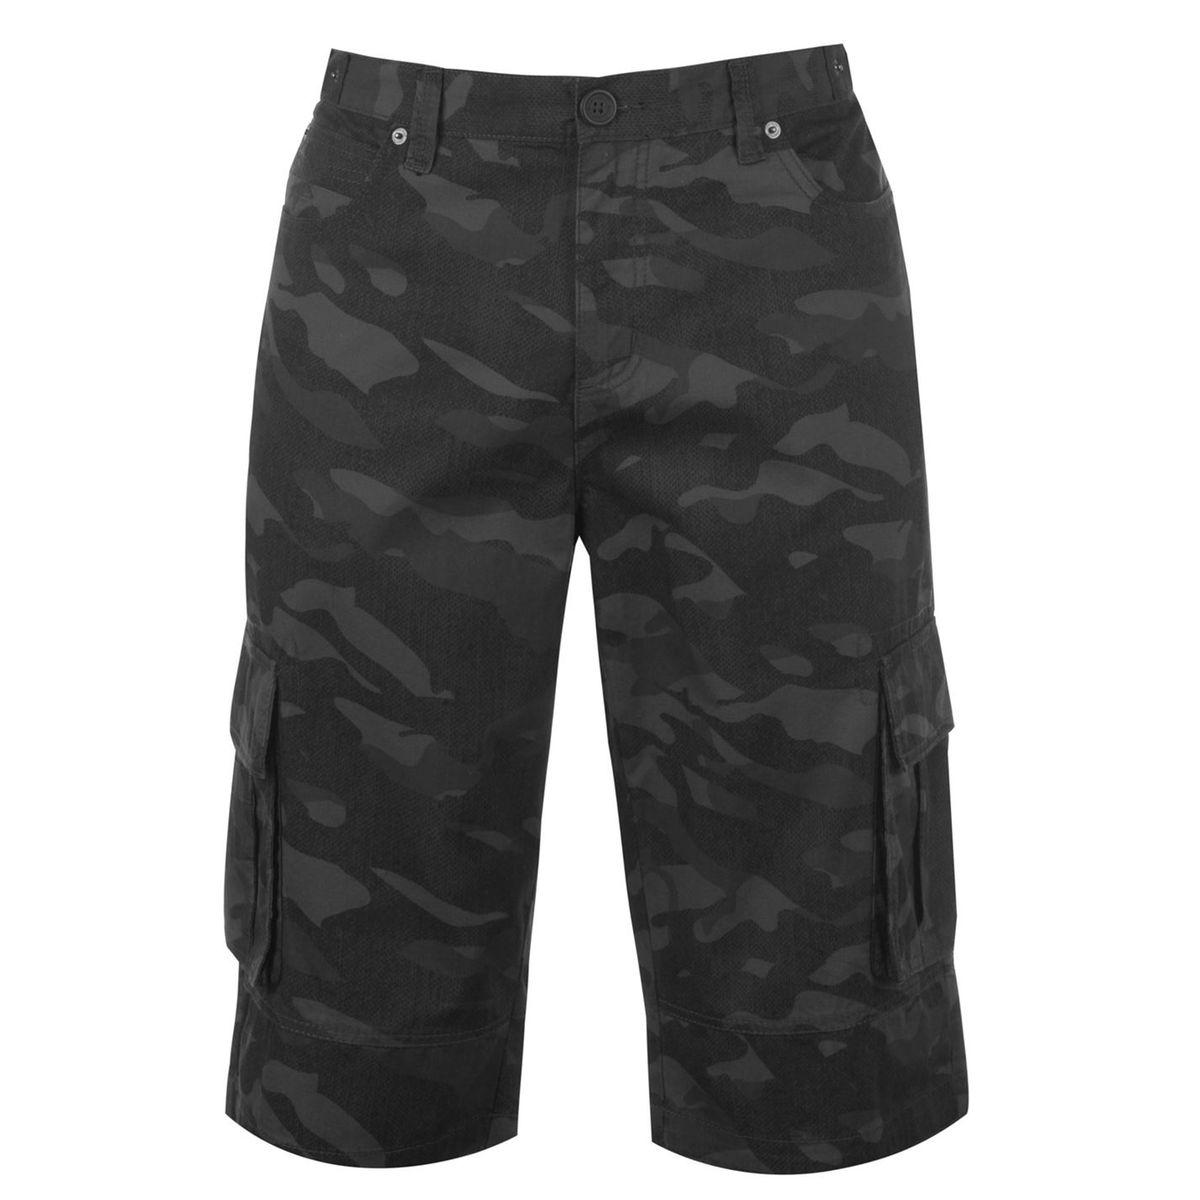 Pantalon court cargo à plusieurs poches